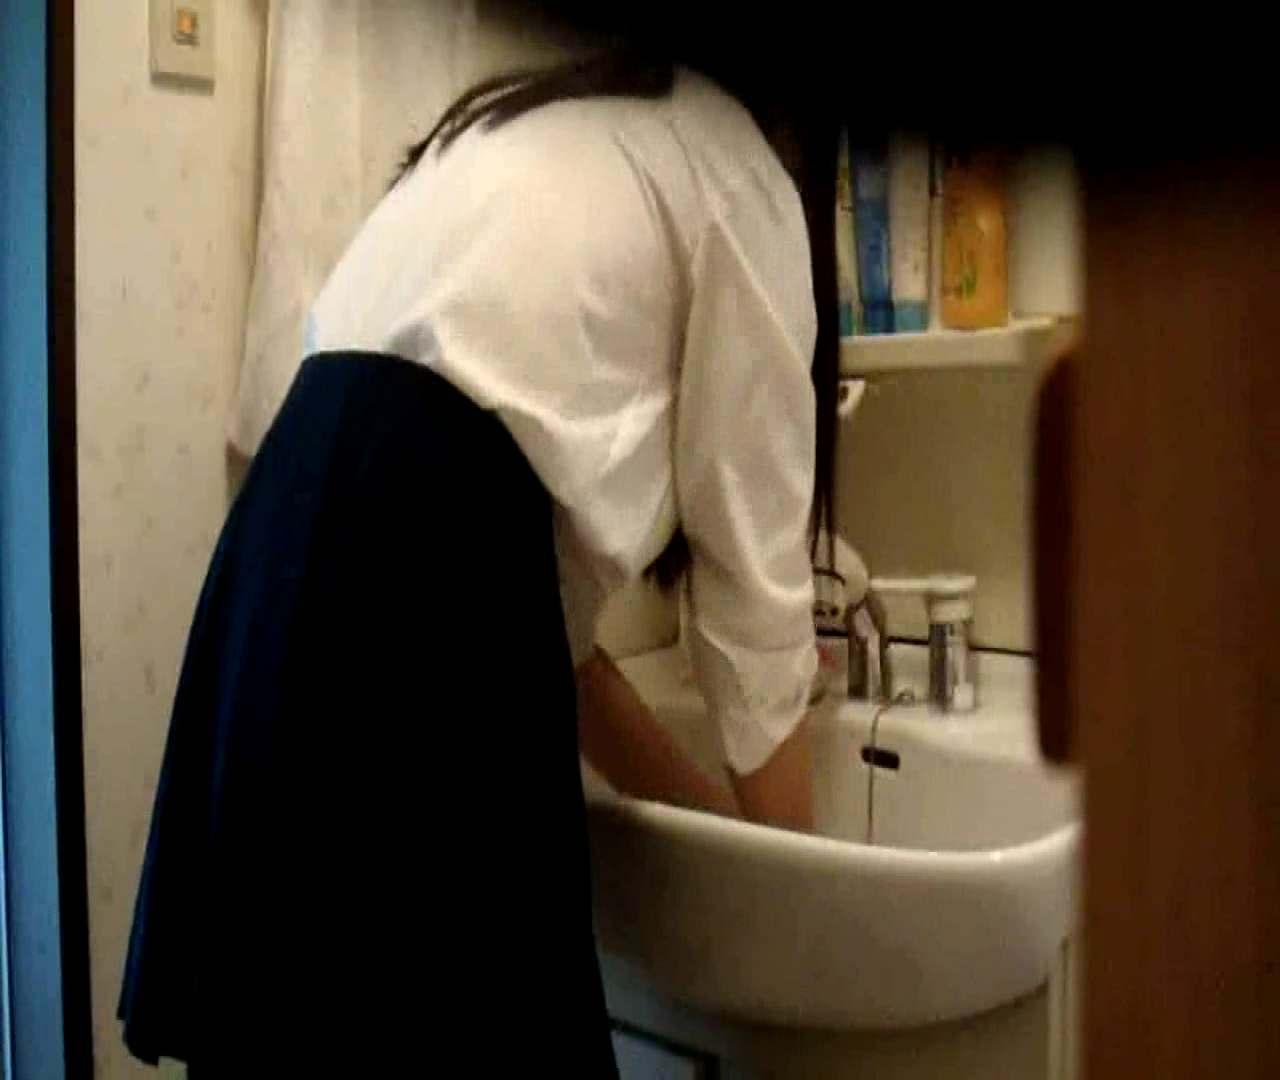 二人とも育てた甲斐がありました… vol.05 まどかが洗顔後にブラを洗濯 HなOL | 0  98pic 87